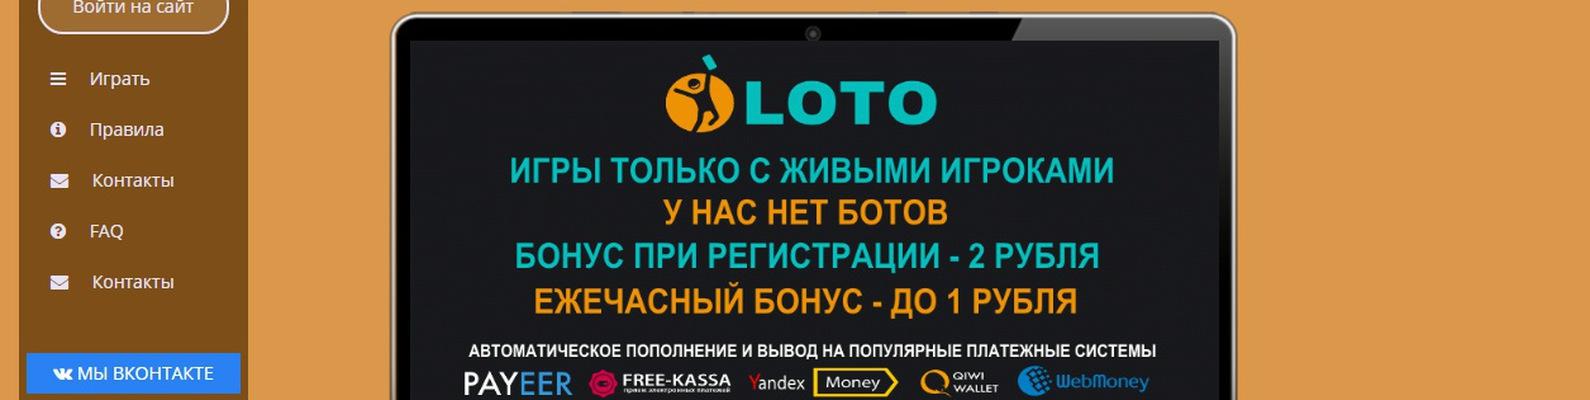 моментальная лотерея payeer